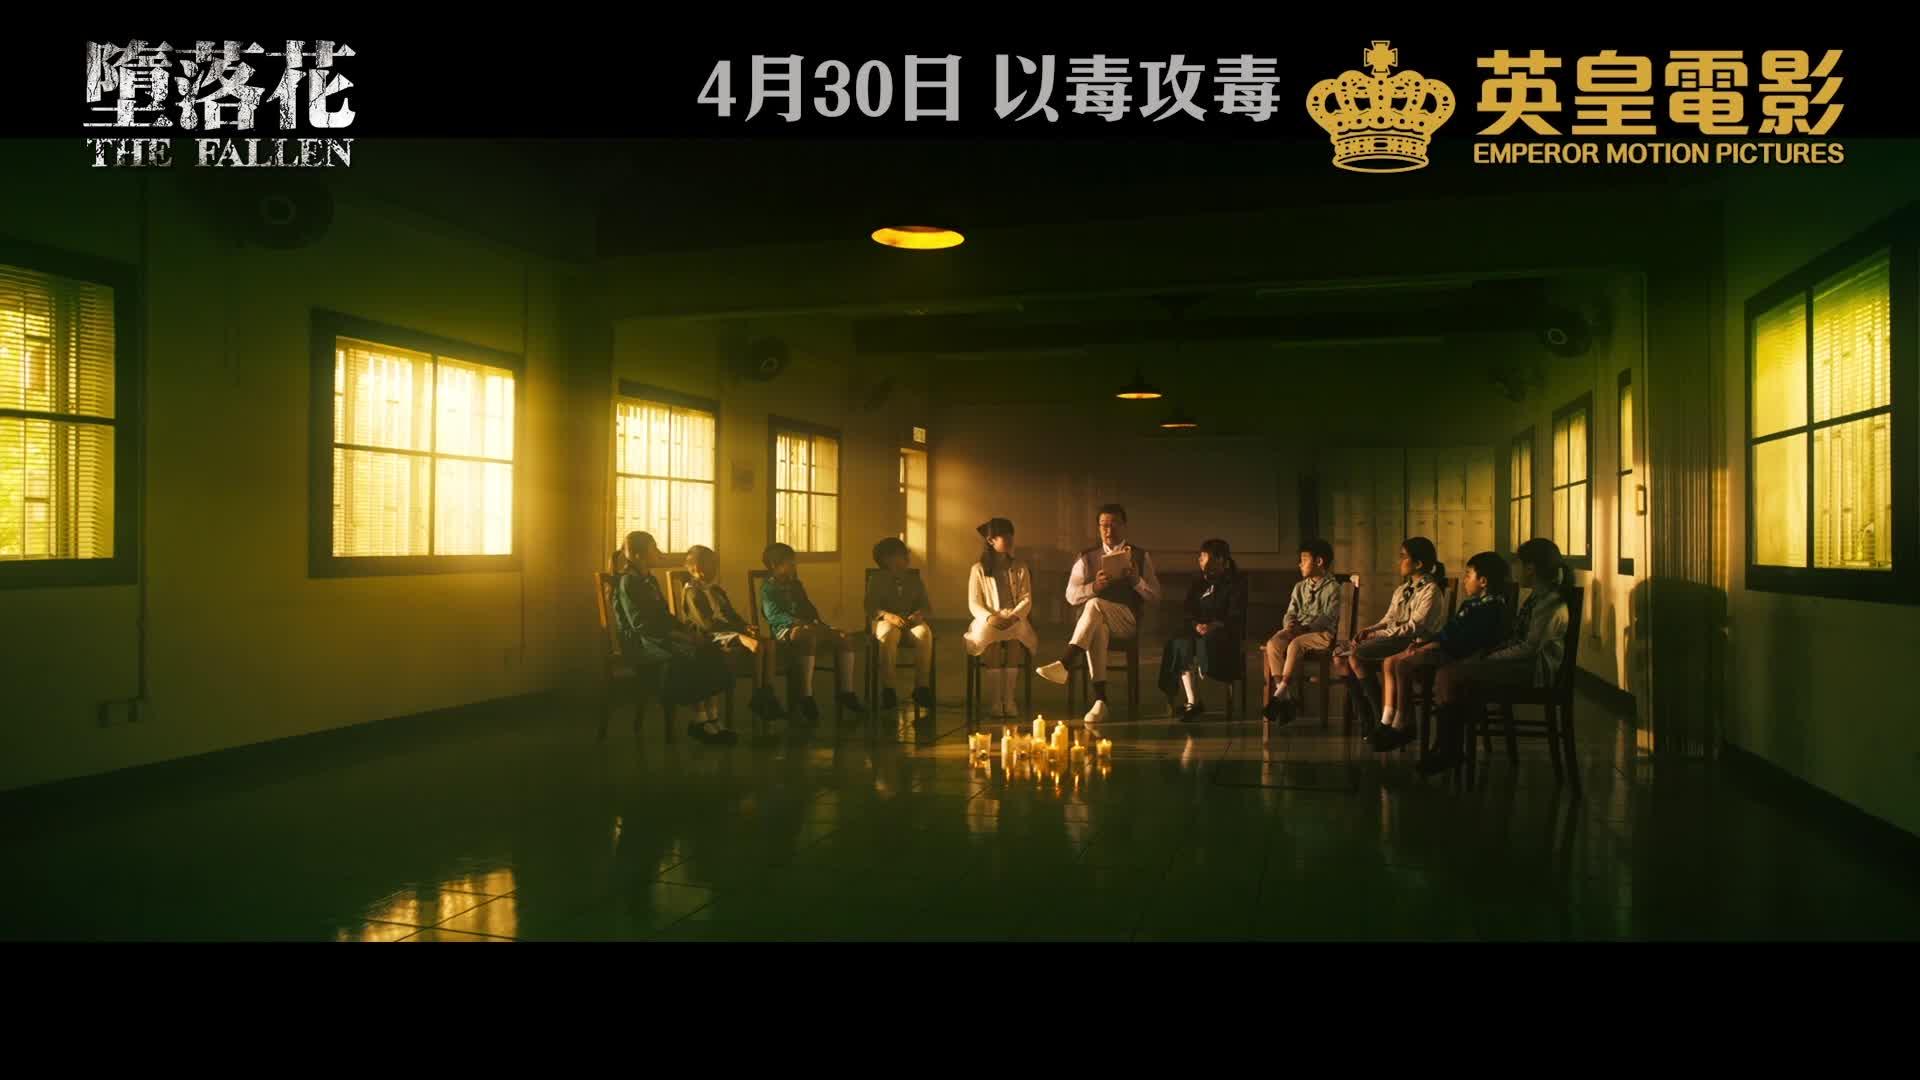 《墮落花》電影預告 (The Fallen)